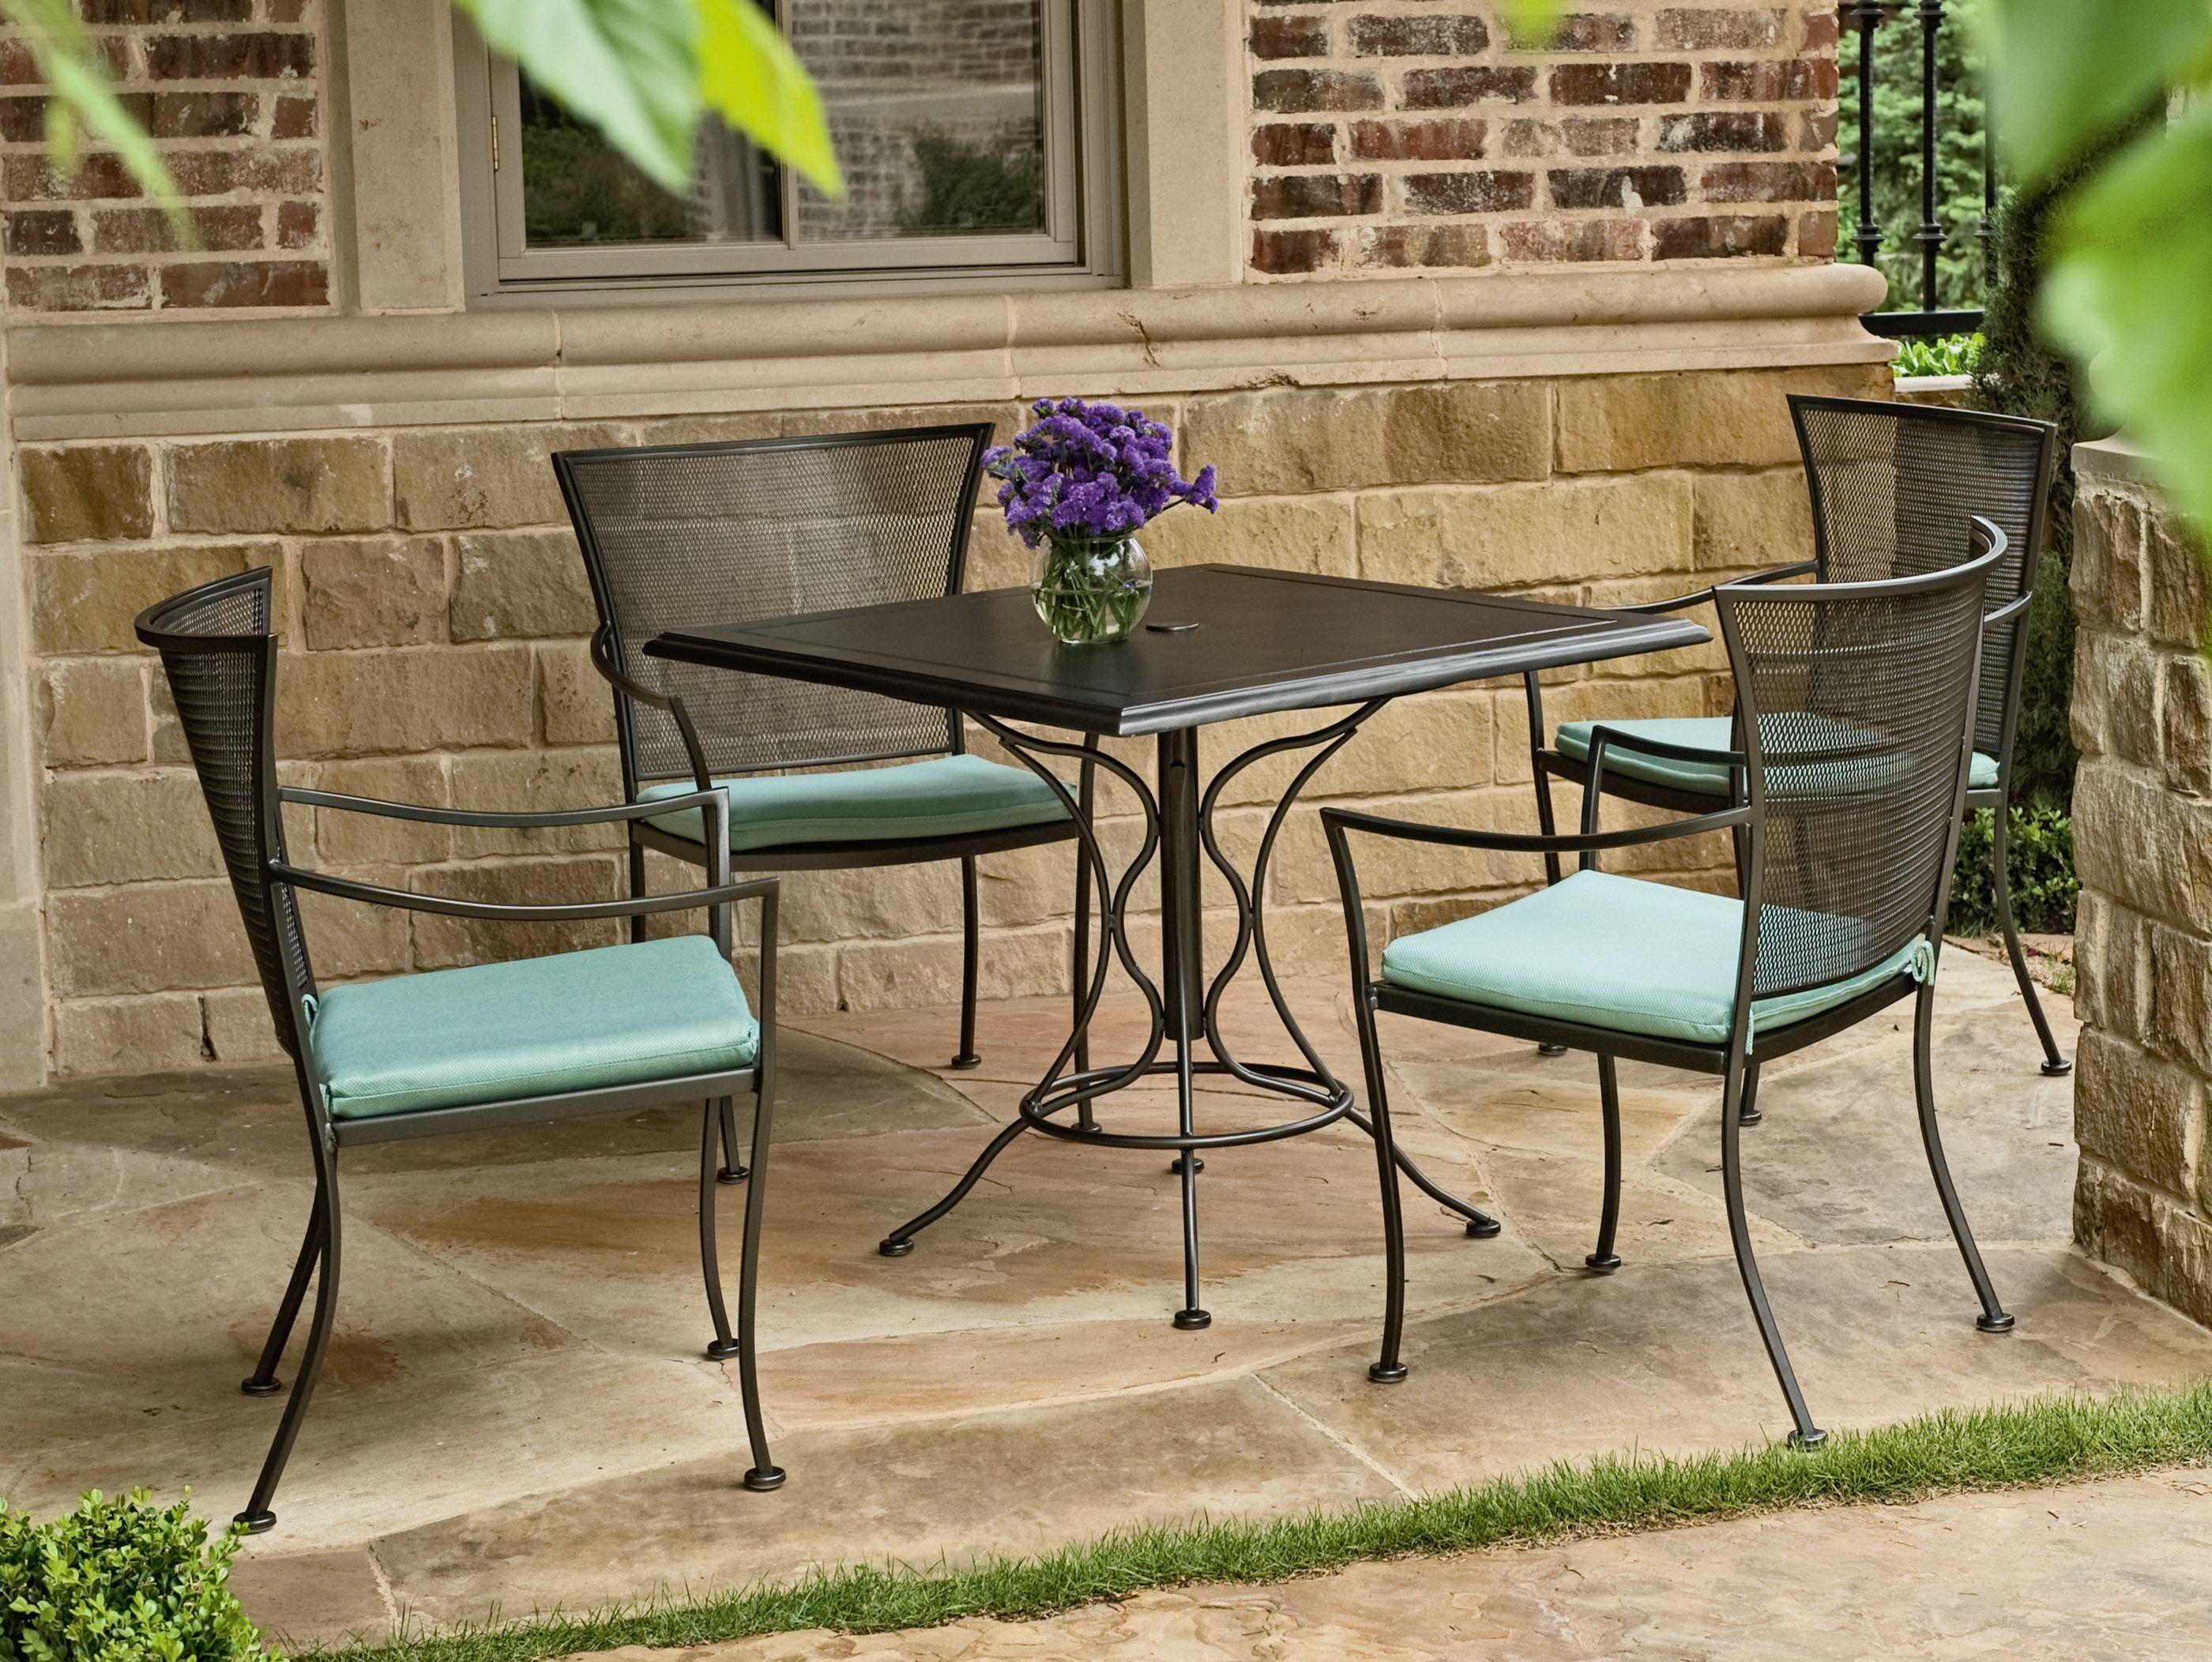 woodard amelie dining set gvbds meubles de patio en